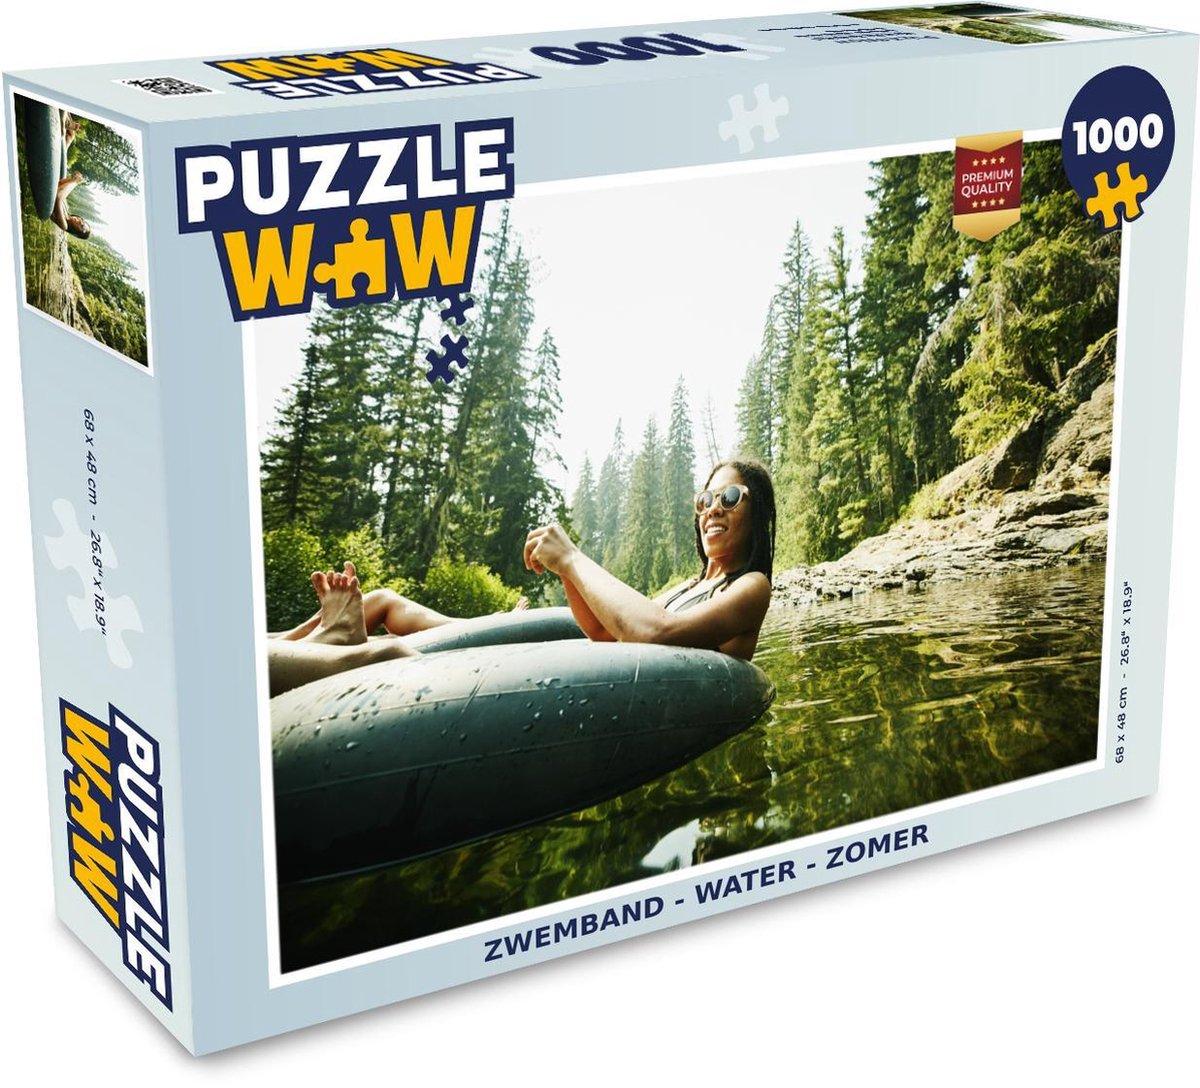 Puzzel 1000 stukjes volwassenen - Zwemband - Water - Zomer - 680x480 cm